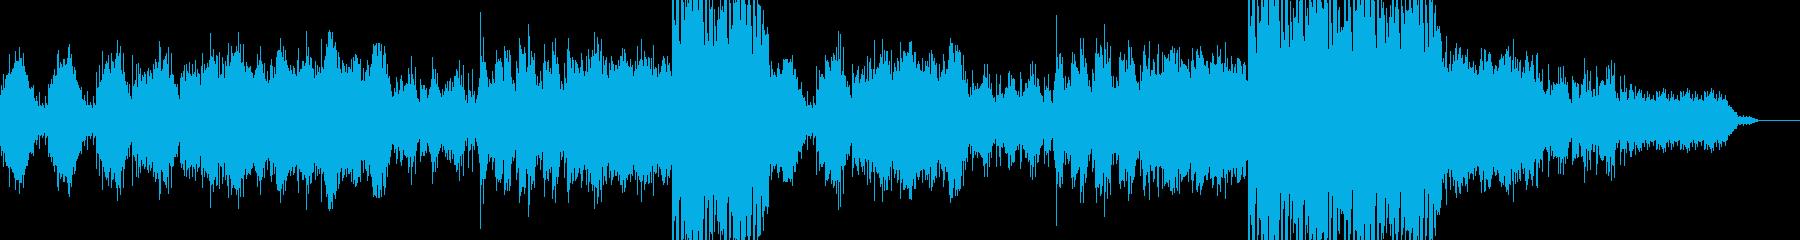 生命力・息吹のあるアンビエントの再生済みの波形